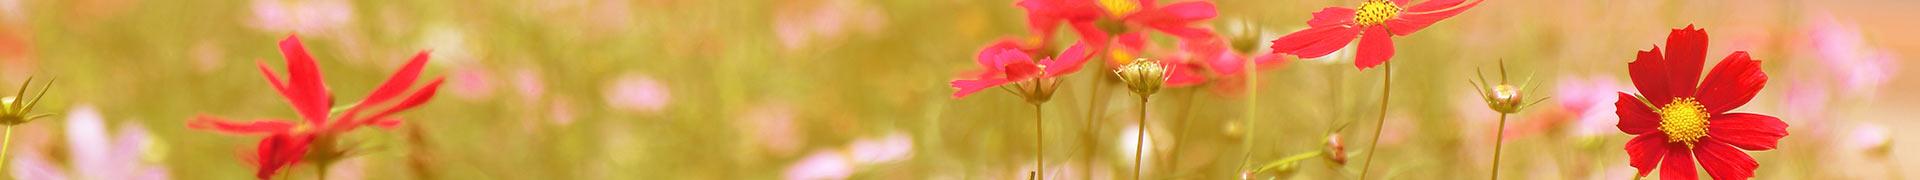 Thématique d'une aire de jeux - Cueillette de fleurs